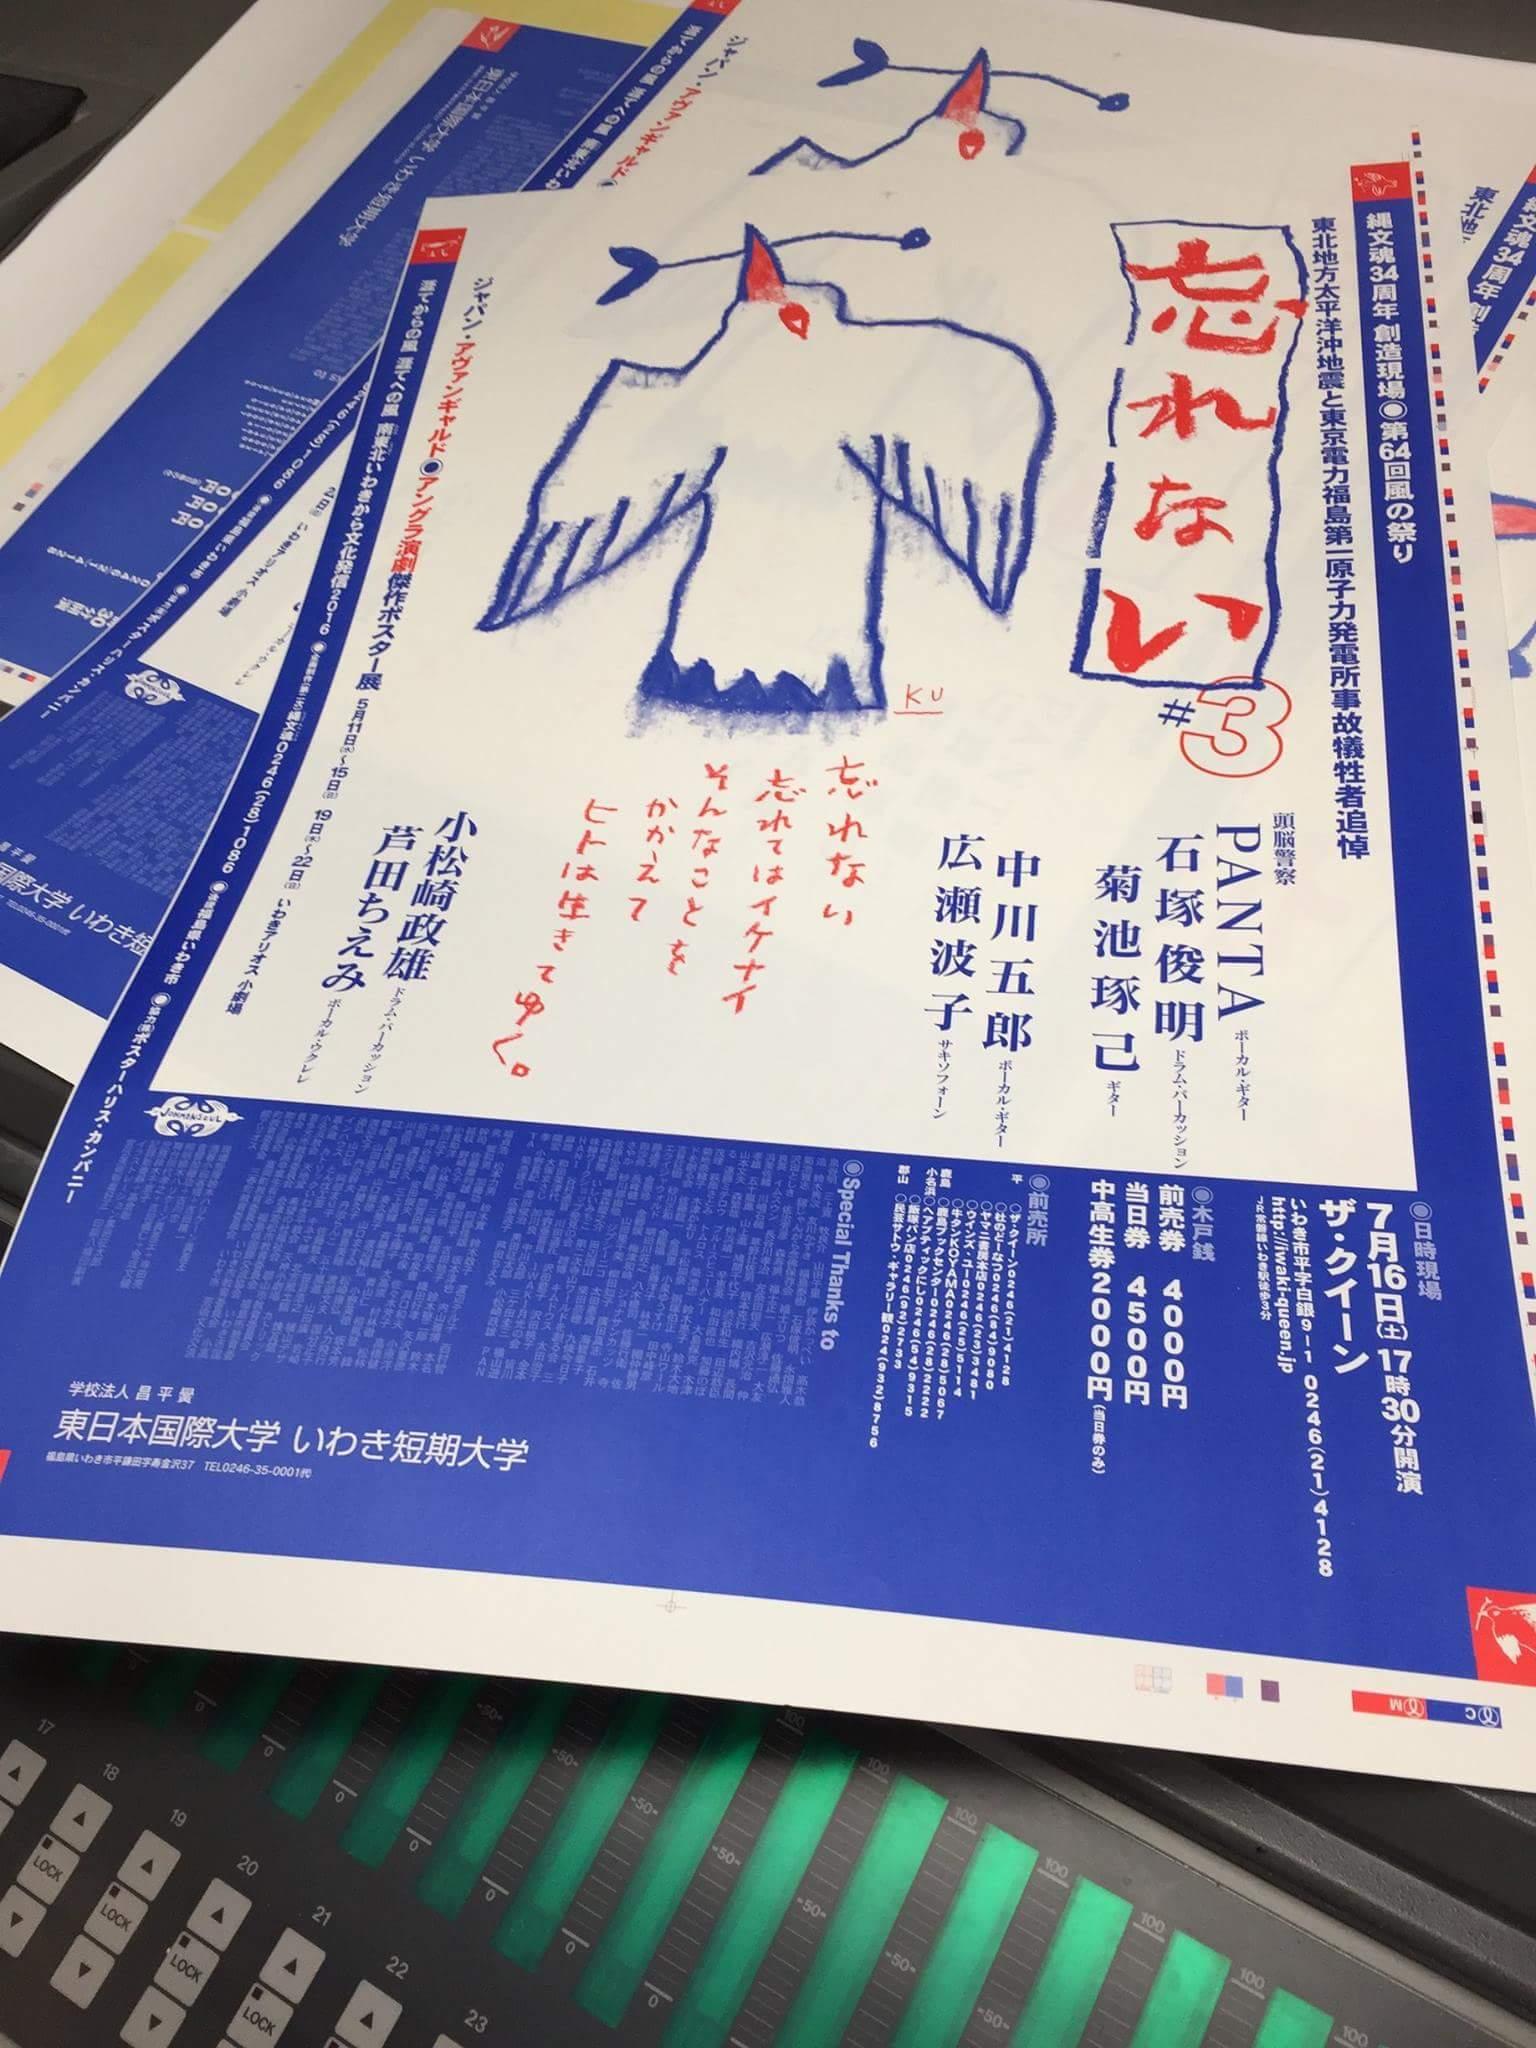 7/16(土)いわきへ★中川五郎&広瀬波子